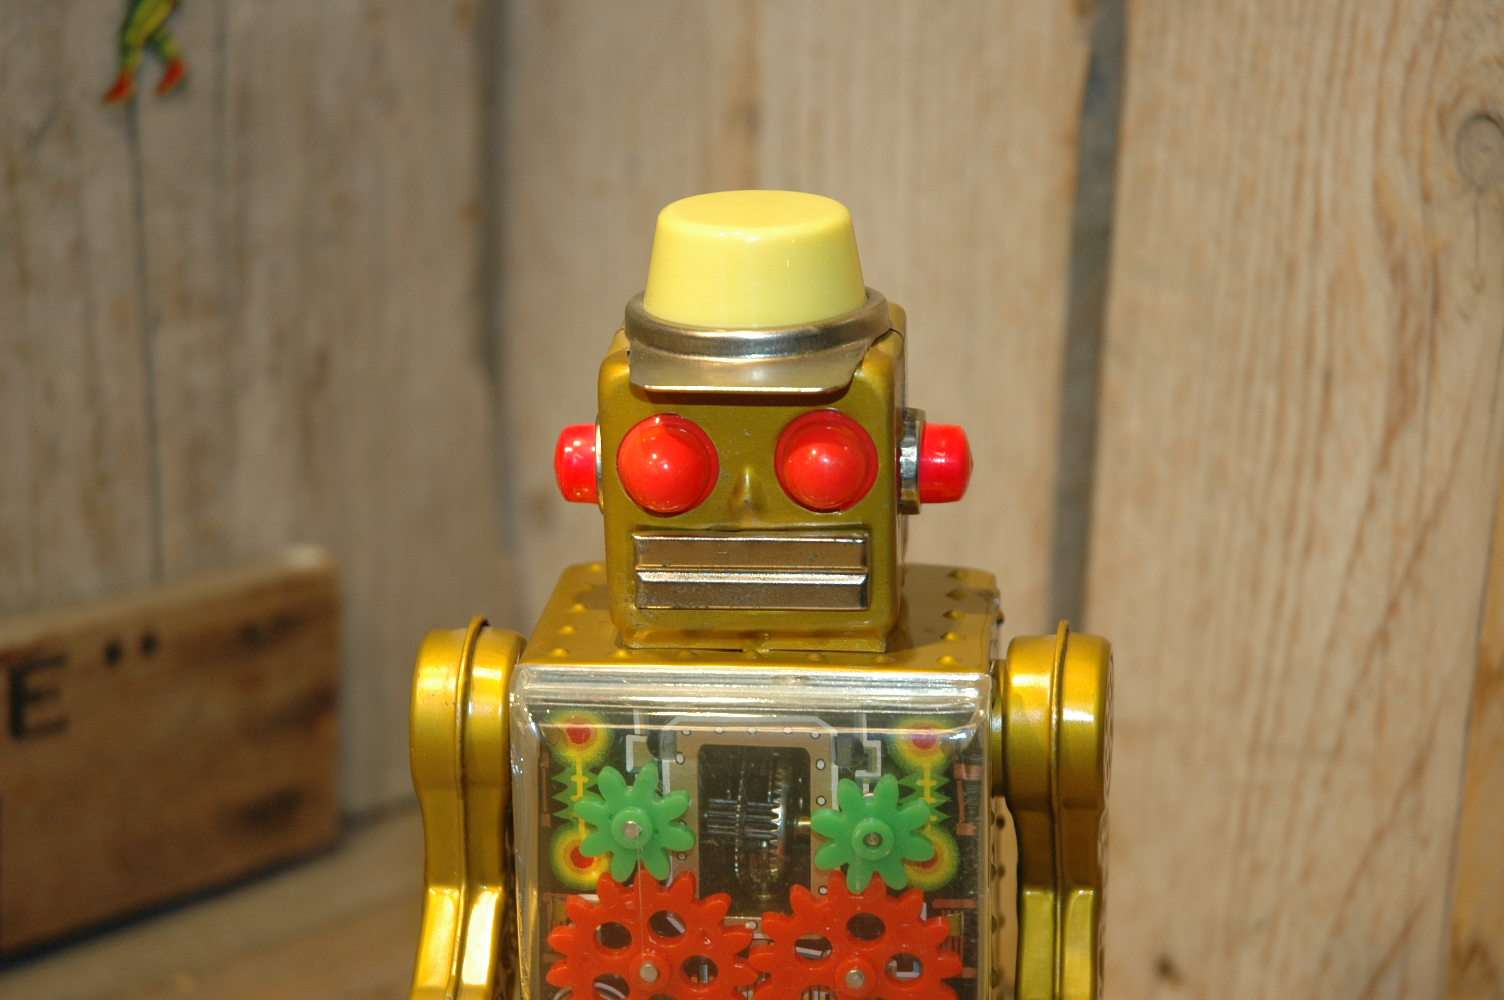 Horikawa - Golden Gear Robot